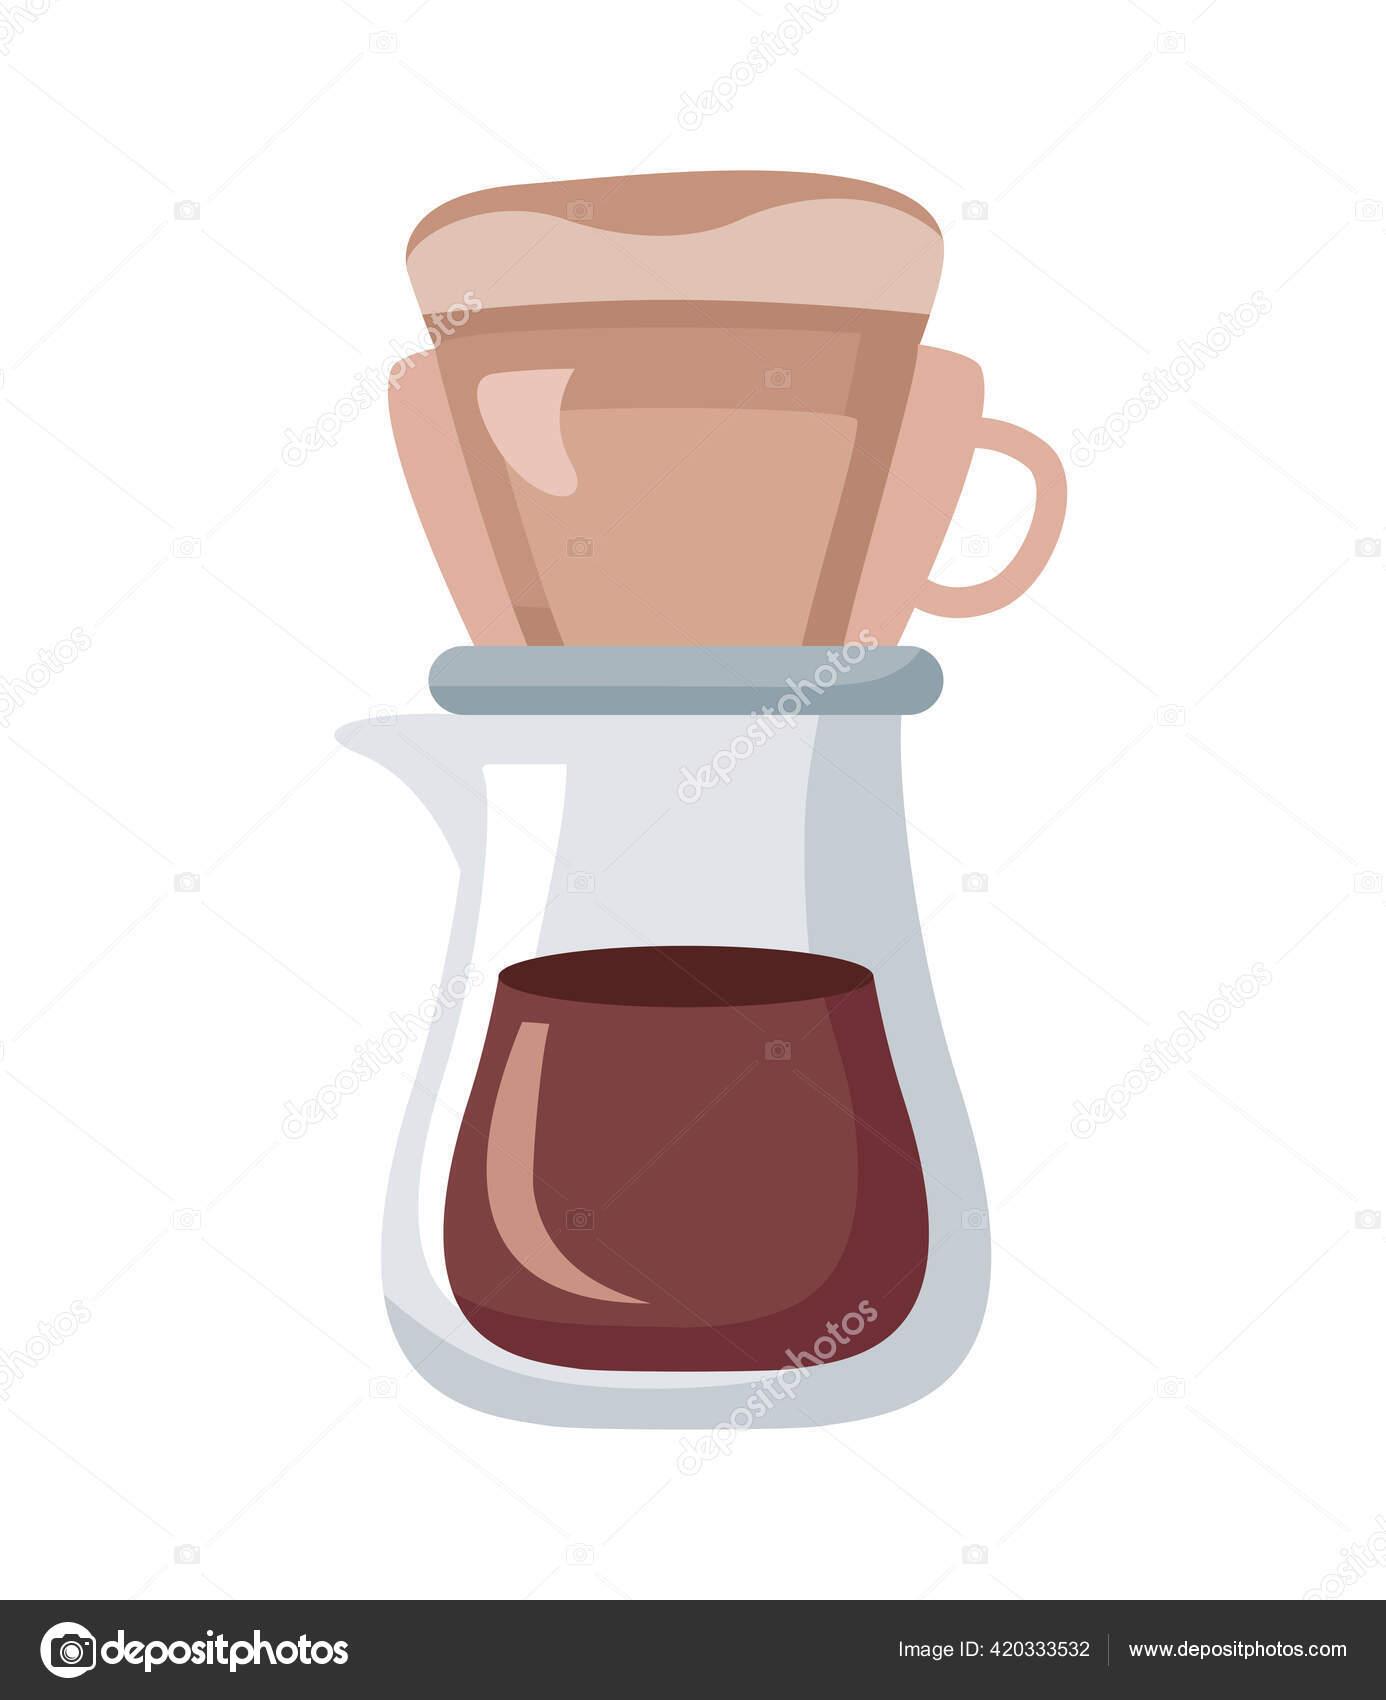 Matcha latte Stock vektorok, Matcha latte Jogdíjmentes illusztrációk   Depositphotos®